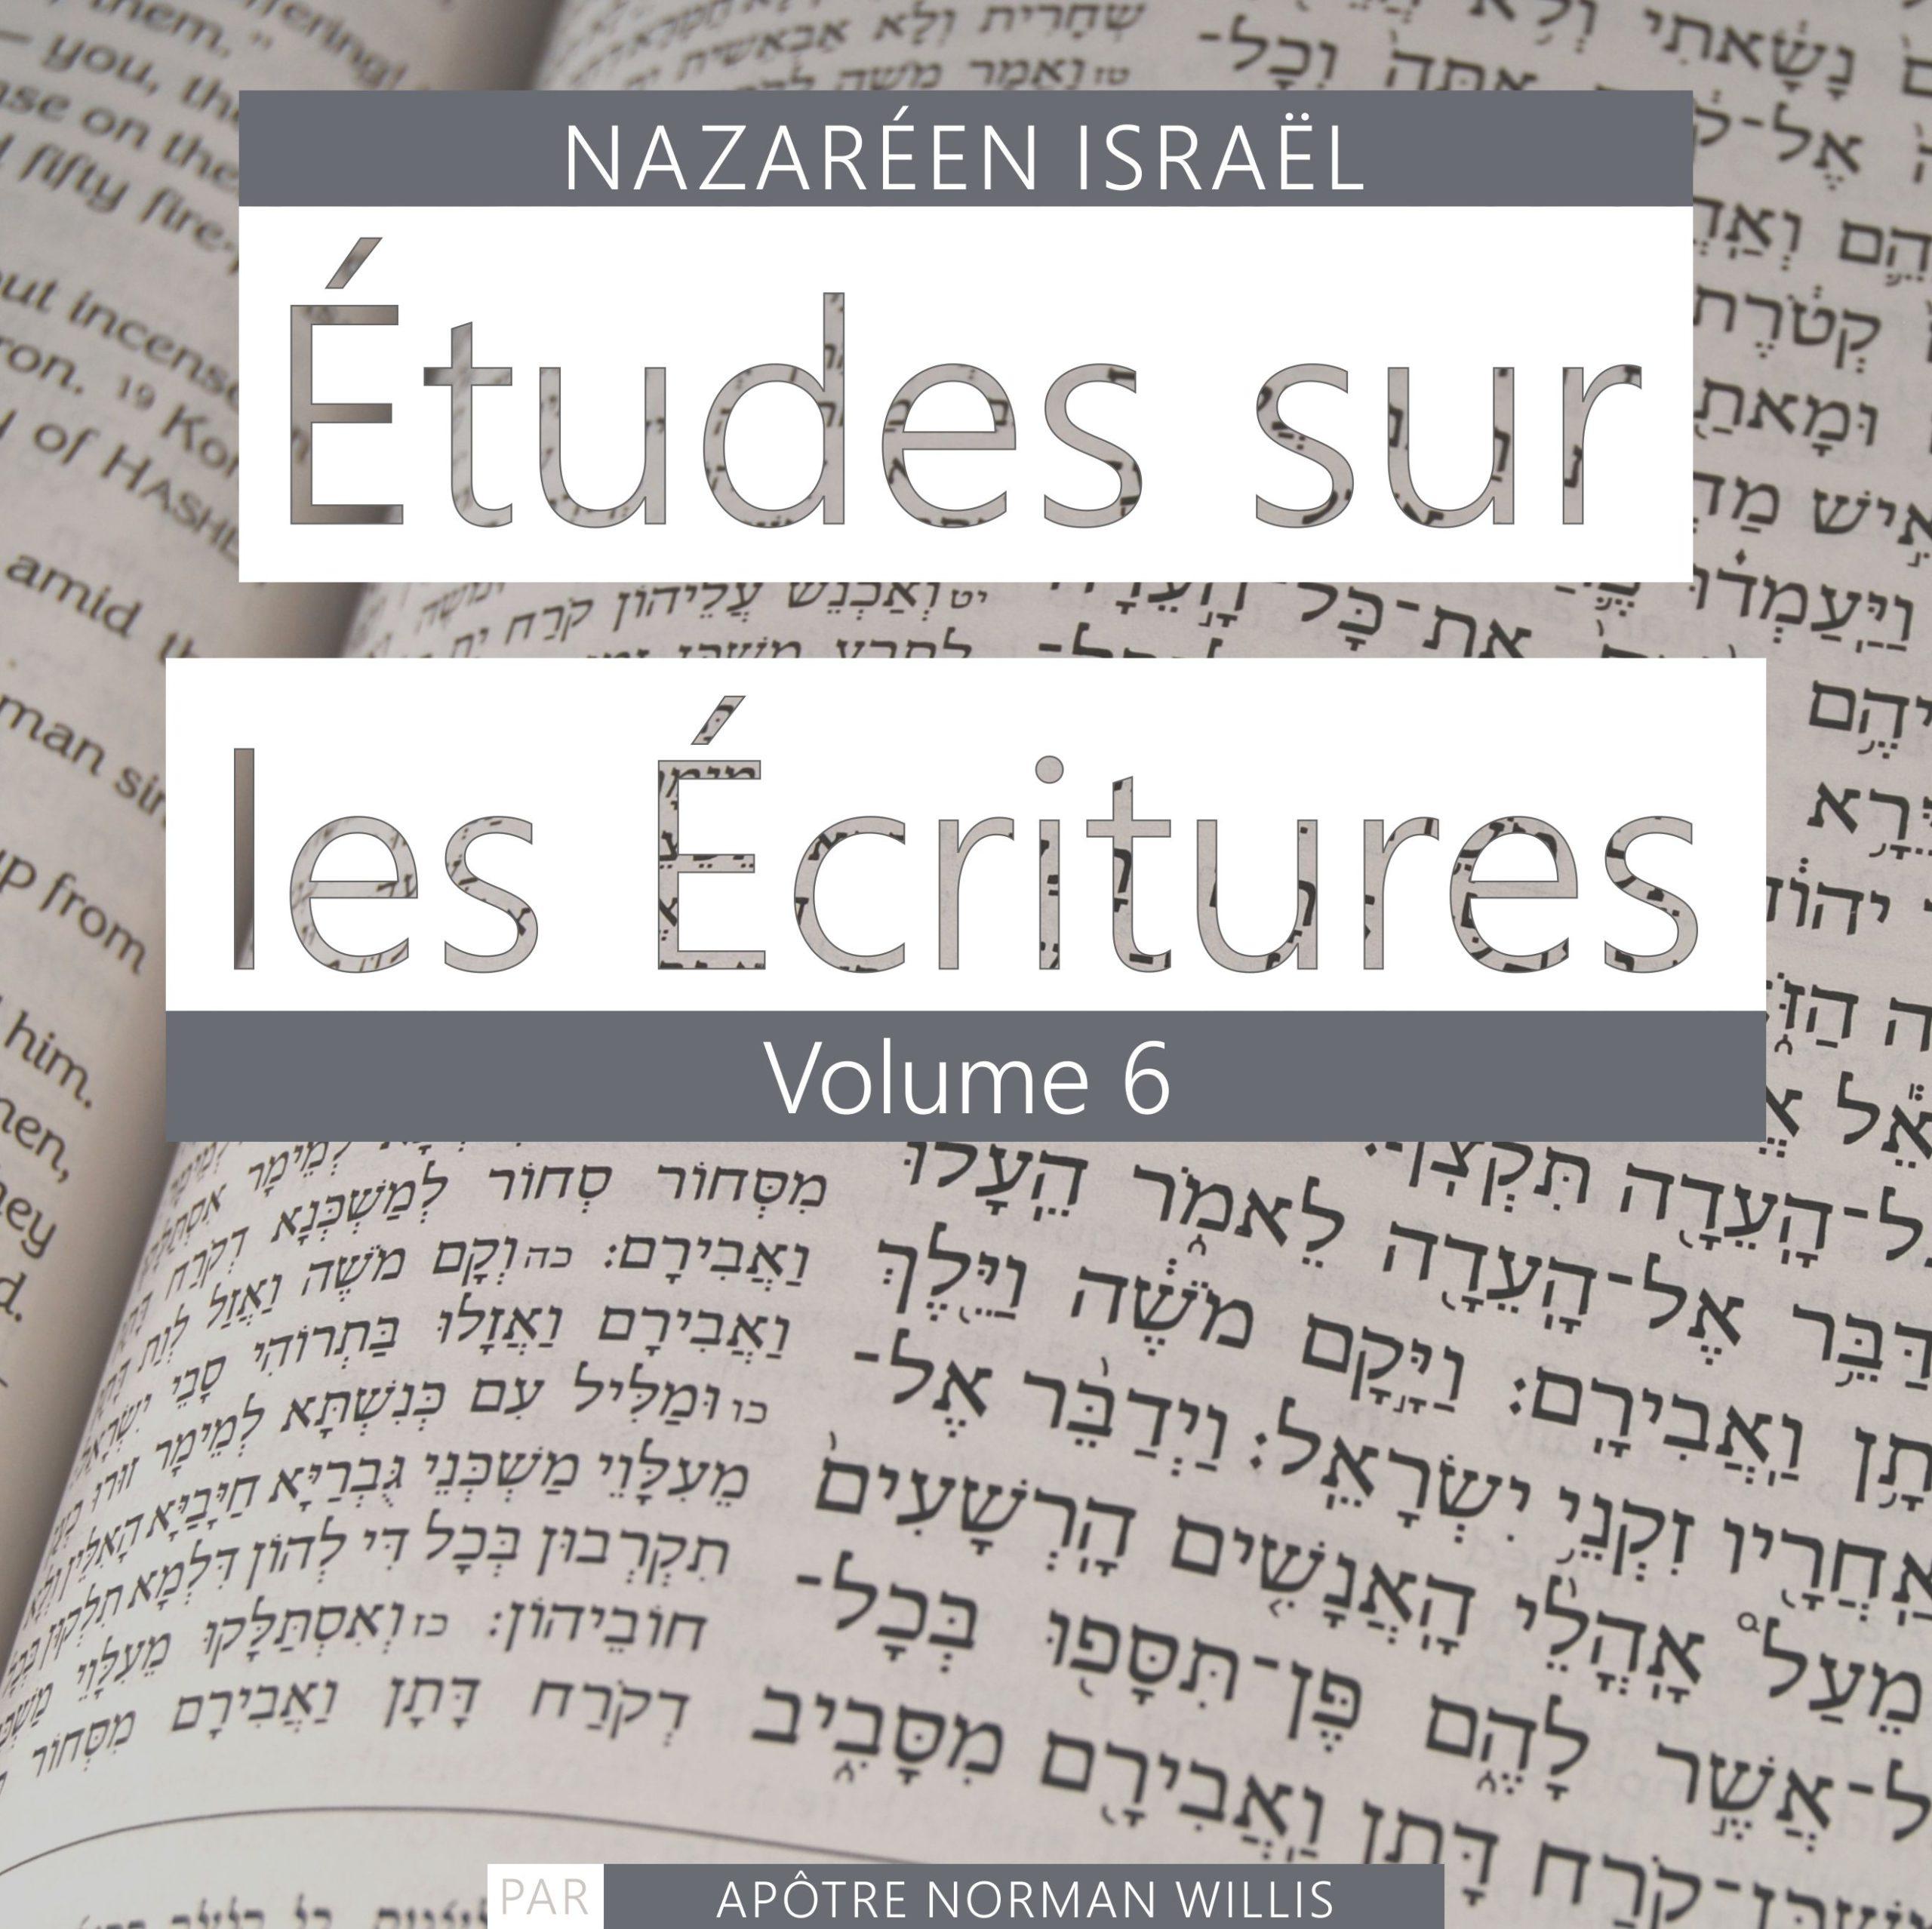 Nazaréen Écriture Etudes Vol. 6